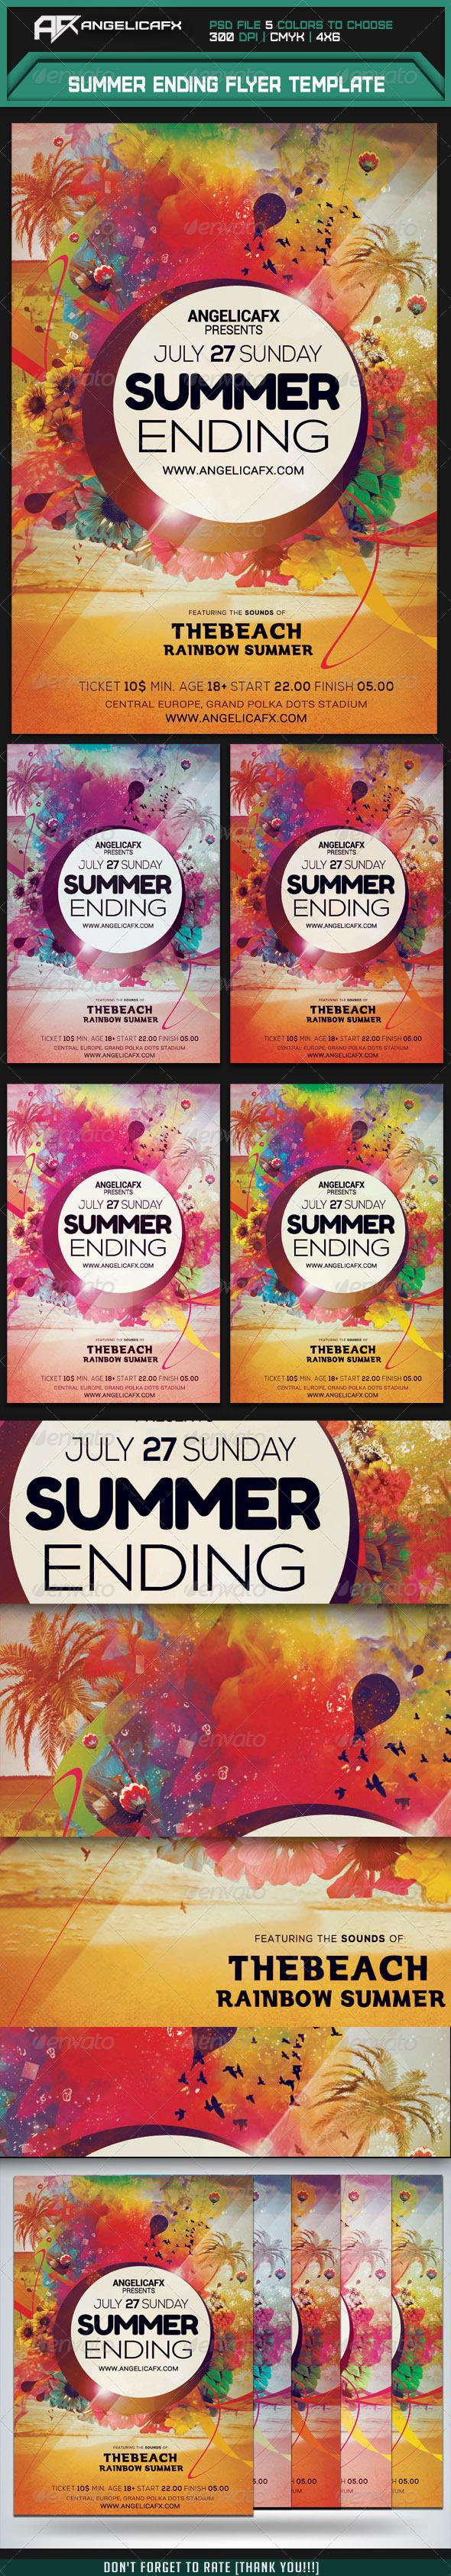 Summer Ending Flyer Template